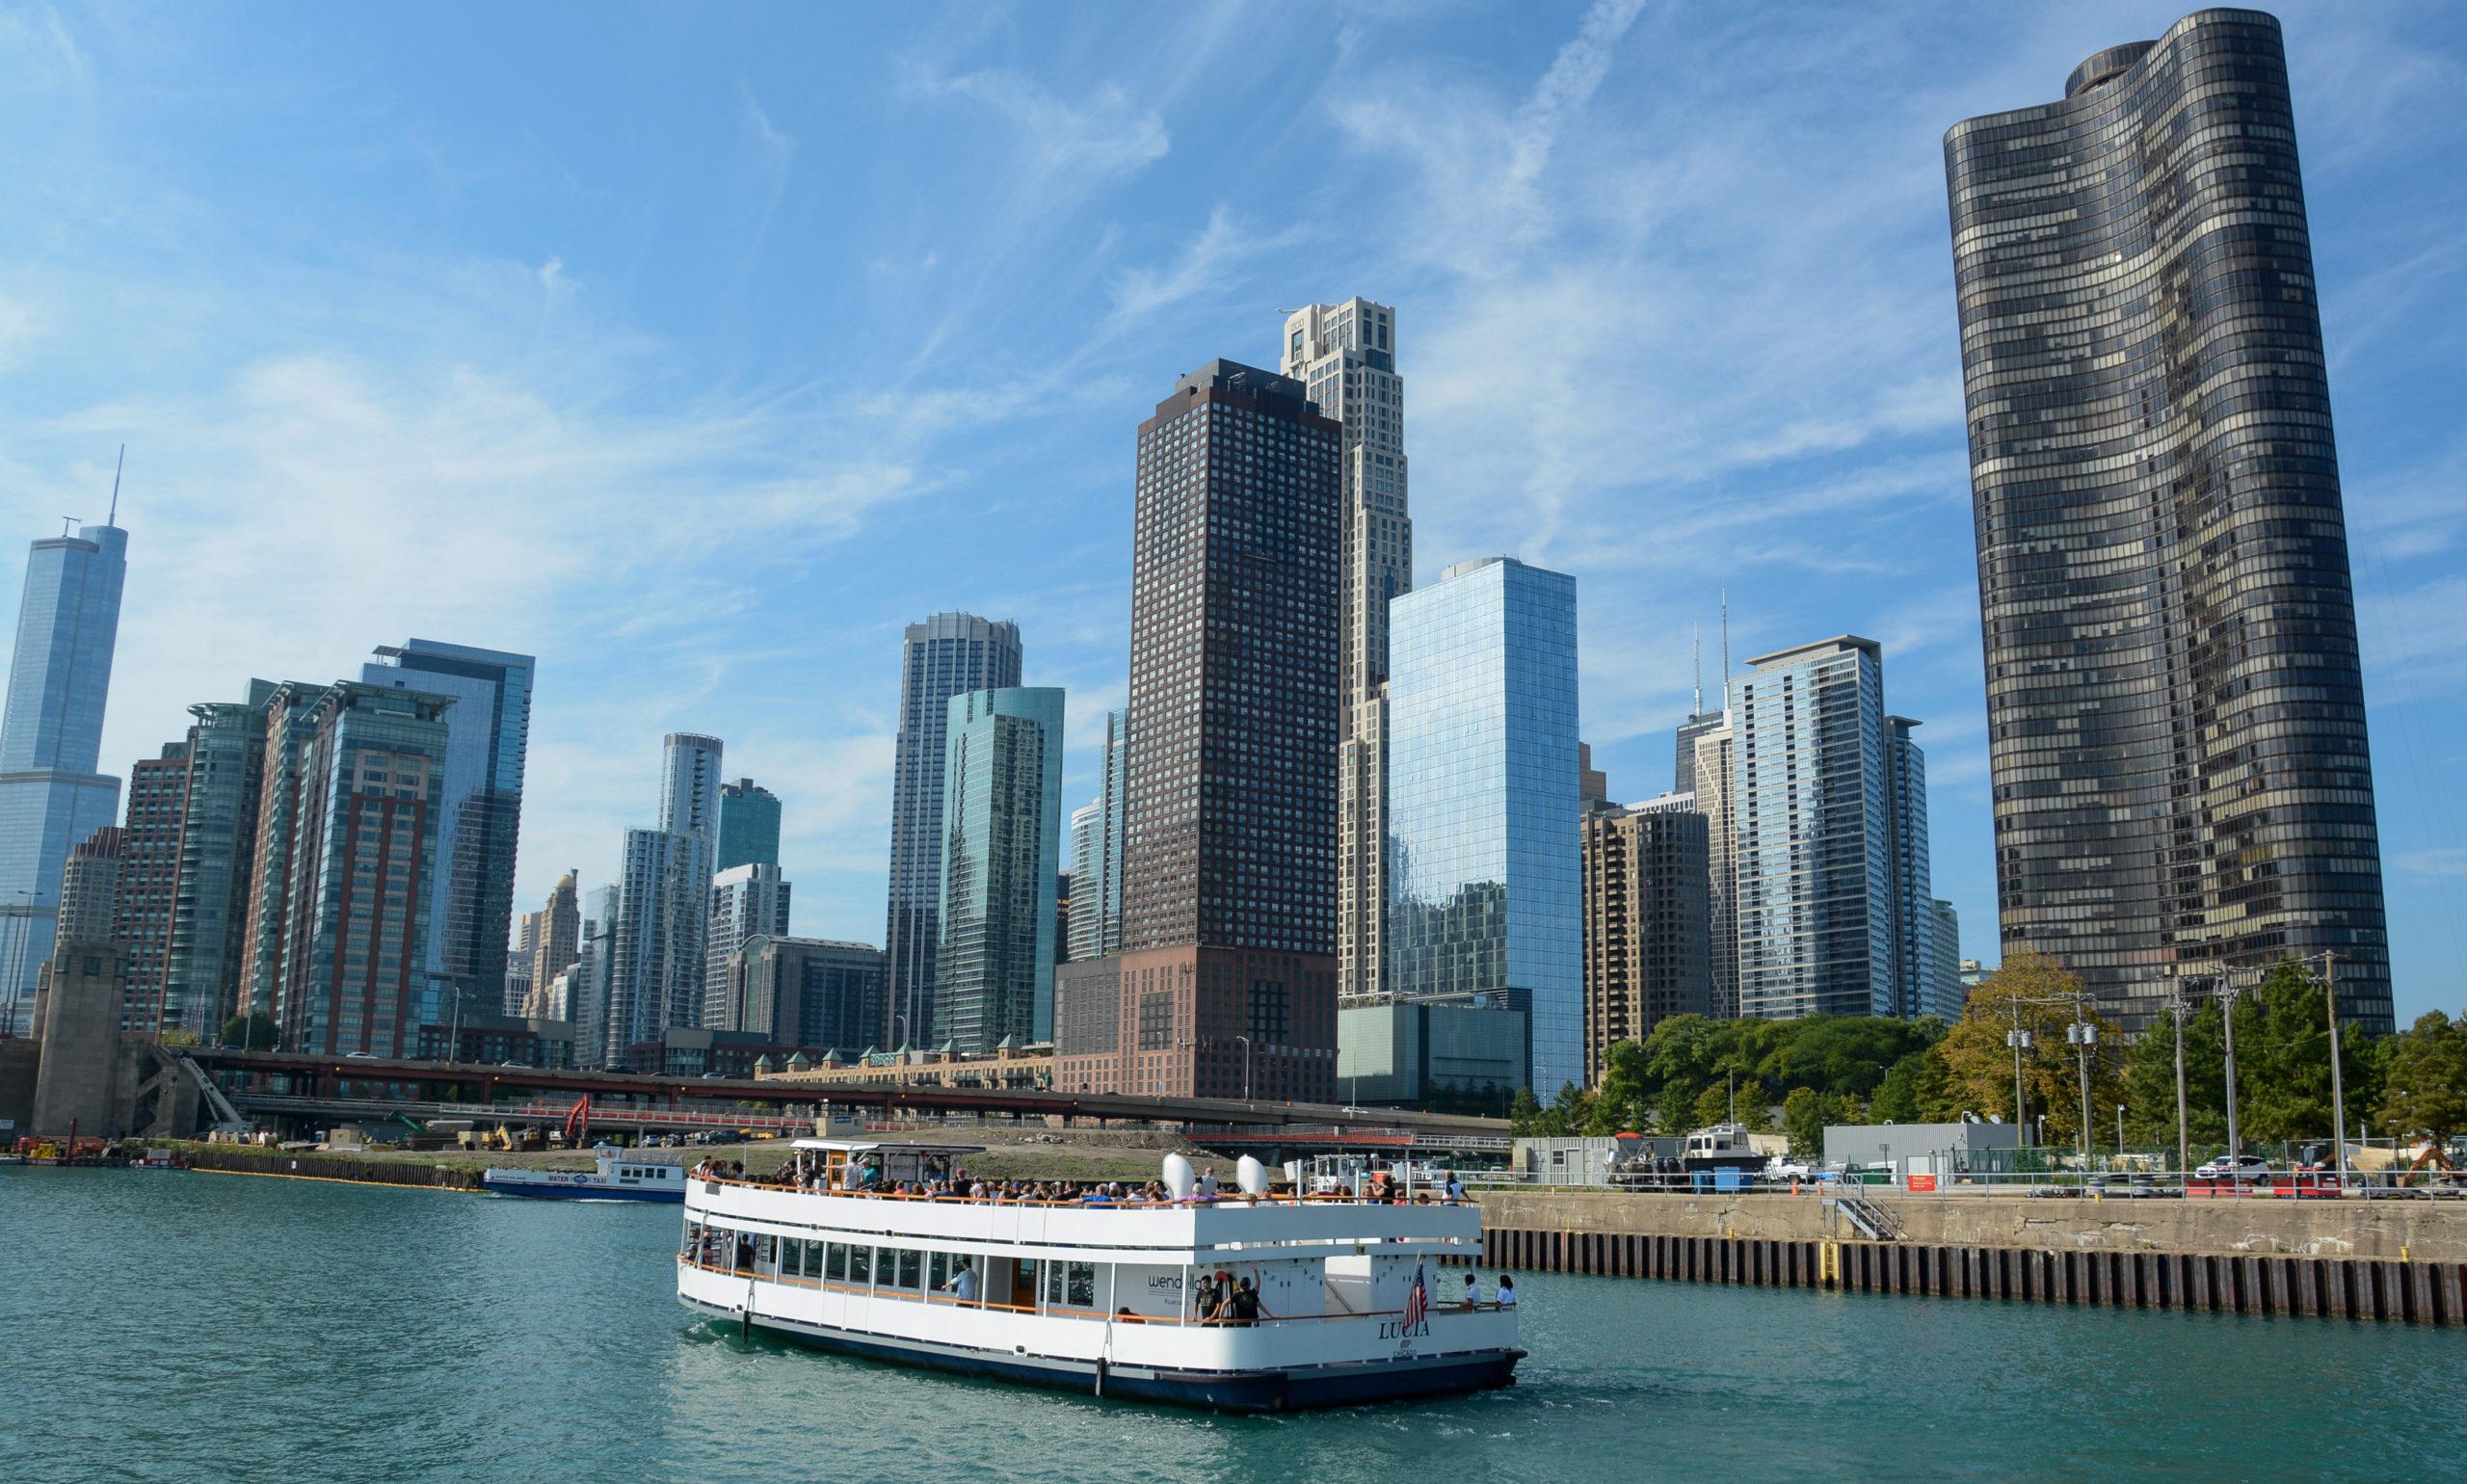 Ausflugsboot vor der Skyline von Chicago mit Lake Point Tower